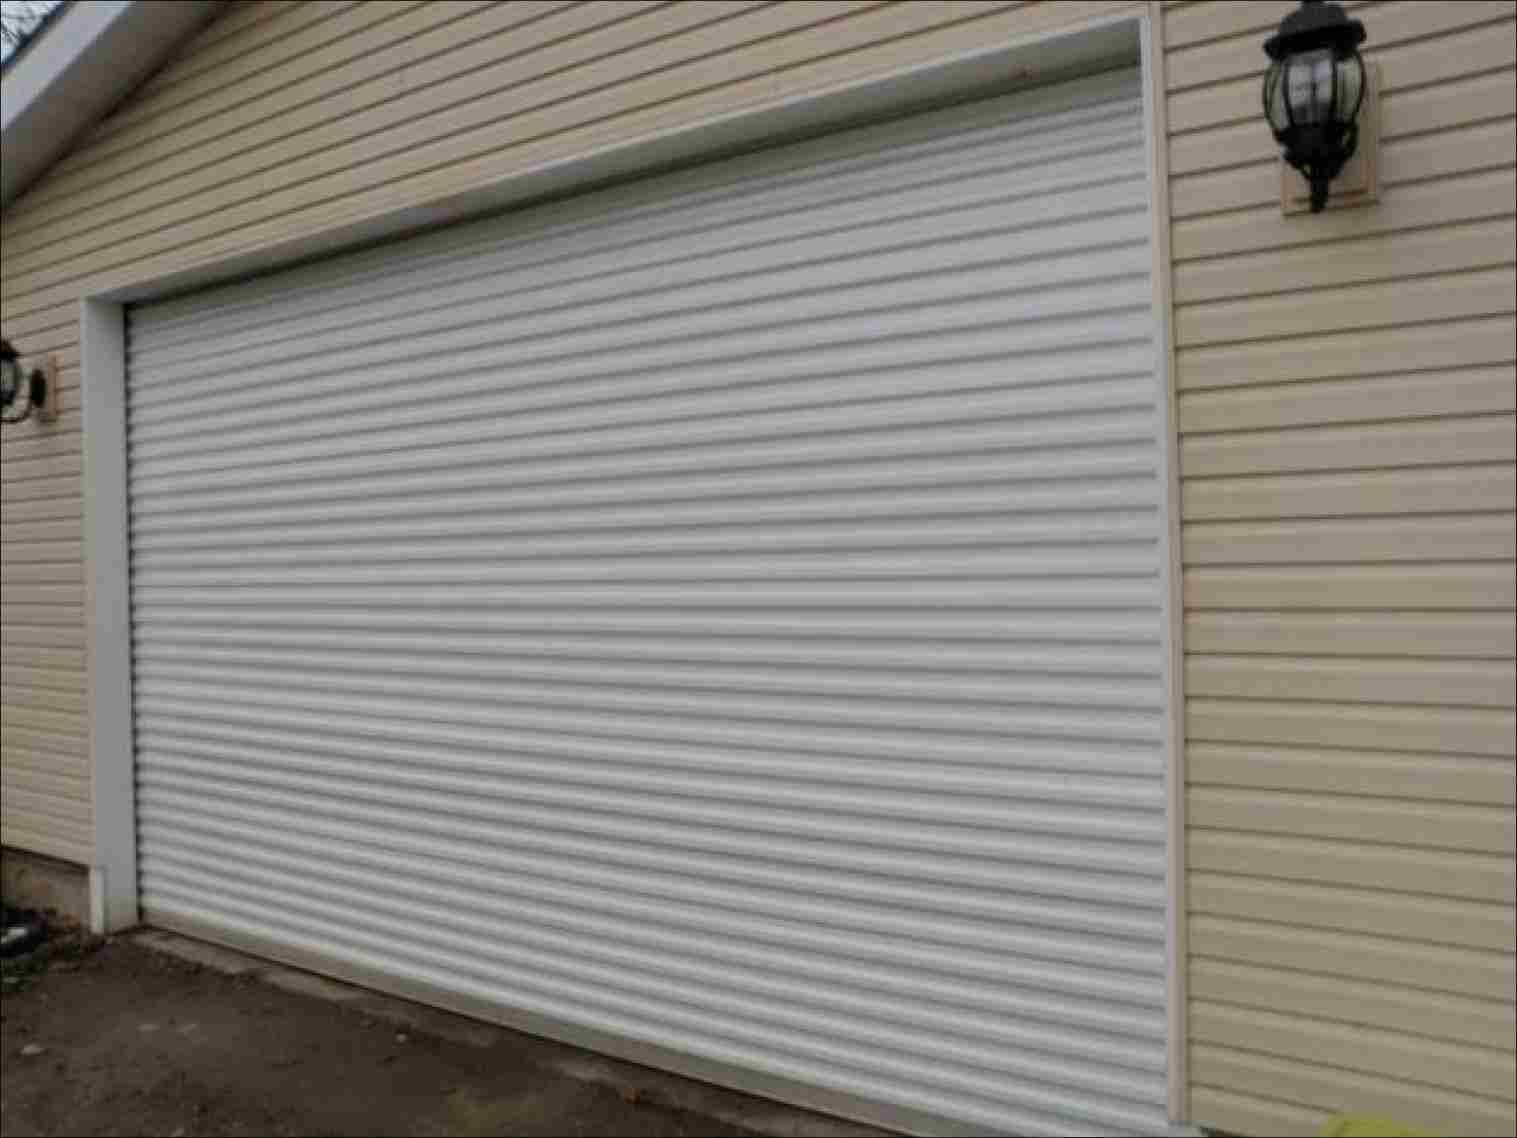 Homedepot Garage Door Garage Door Rollers Home Depot Beautiful Inspiring Garage Door Rollers Home Depot Inspiration Roll Up Doors Garage Doors Outdoor Decor